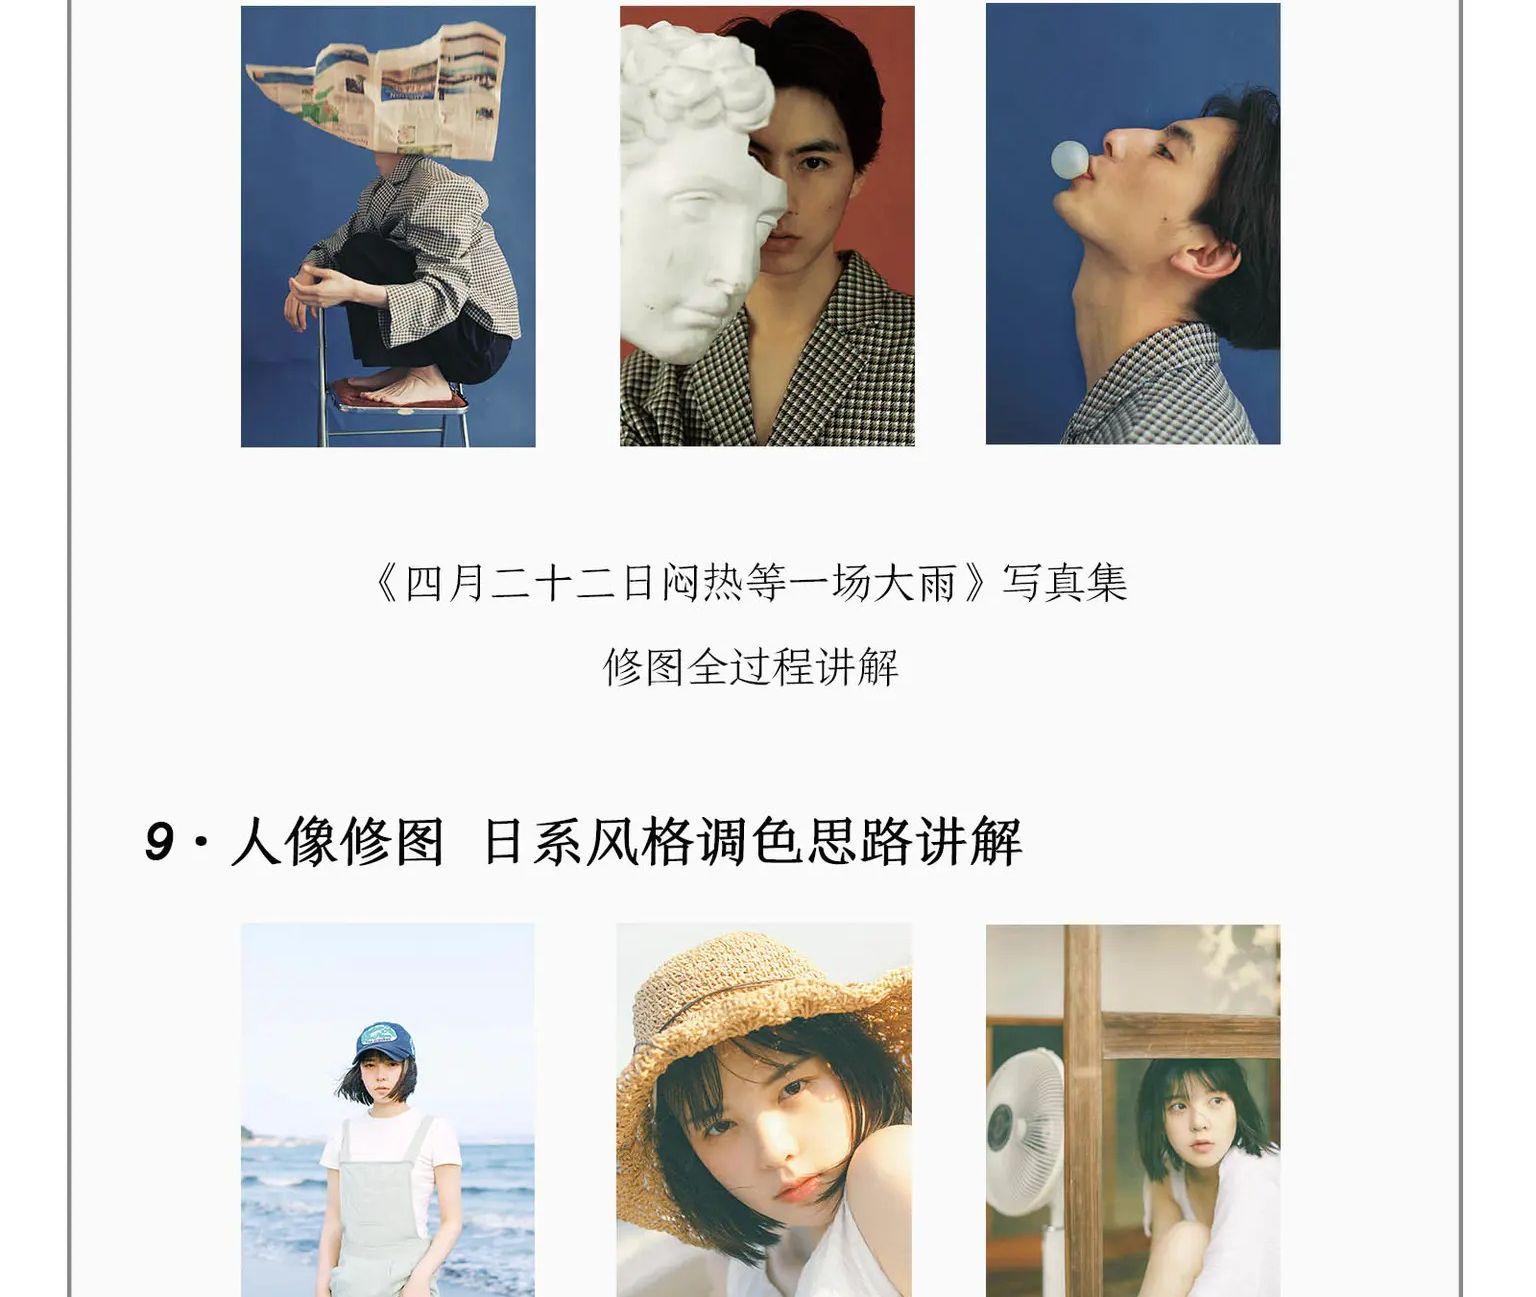 摄影教程-95后摄影师陈宇学长摄影课堂第9期静物人像前后期教程(6)